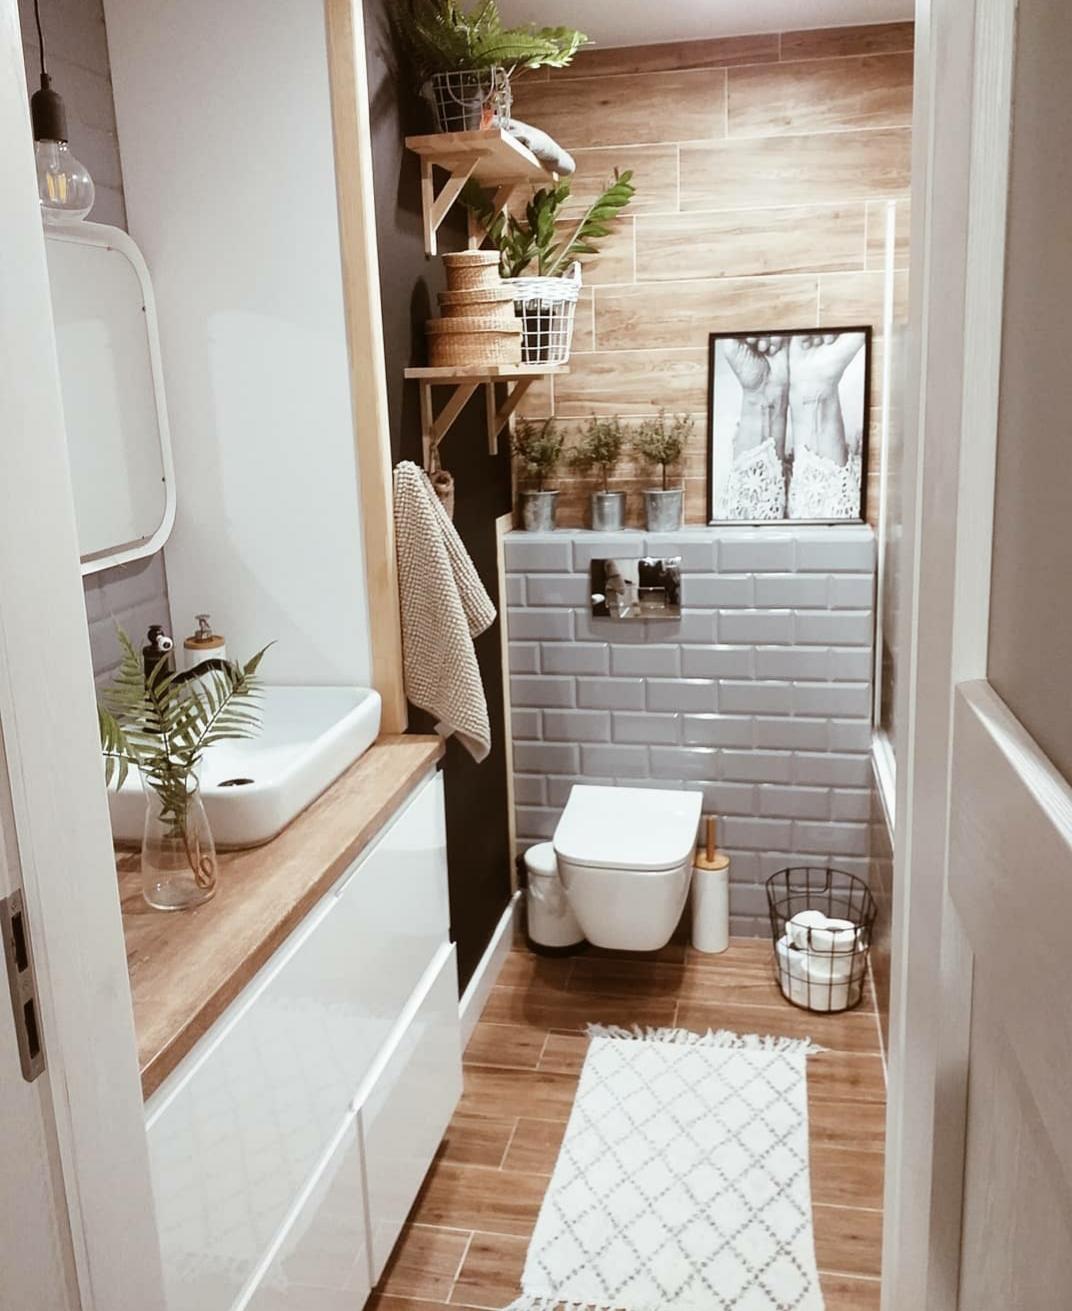 idealan izbor plocica za kupatilo